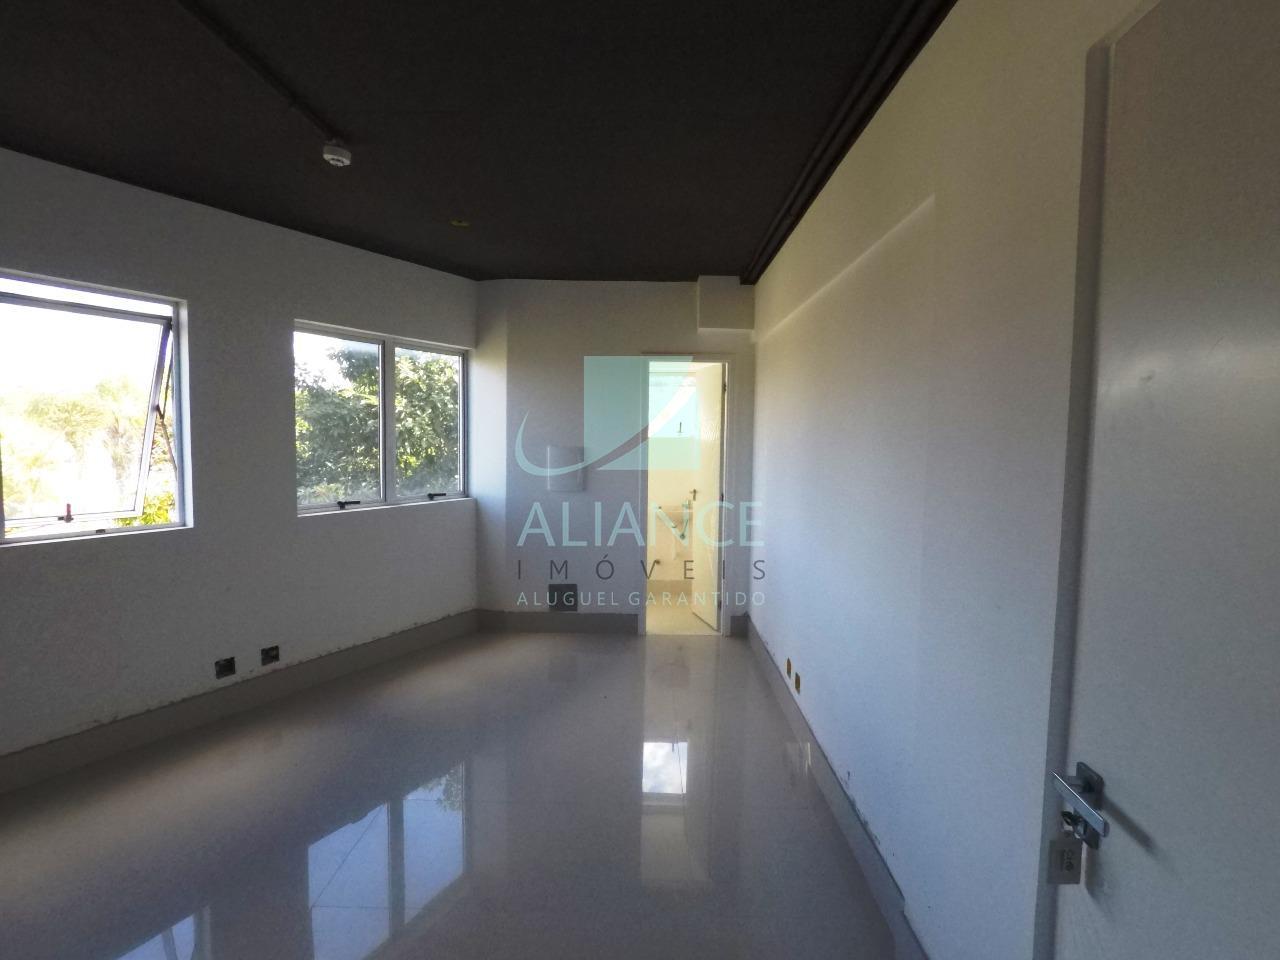 Salas para aluguel no Lundcea: